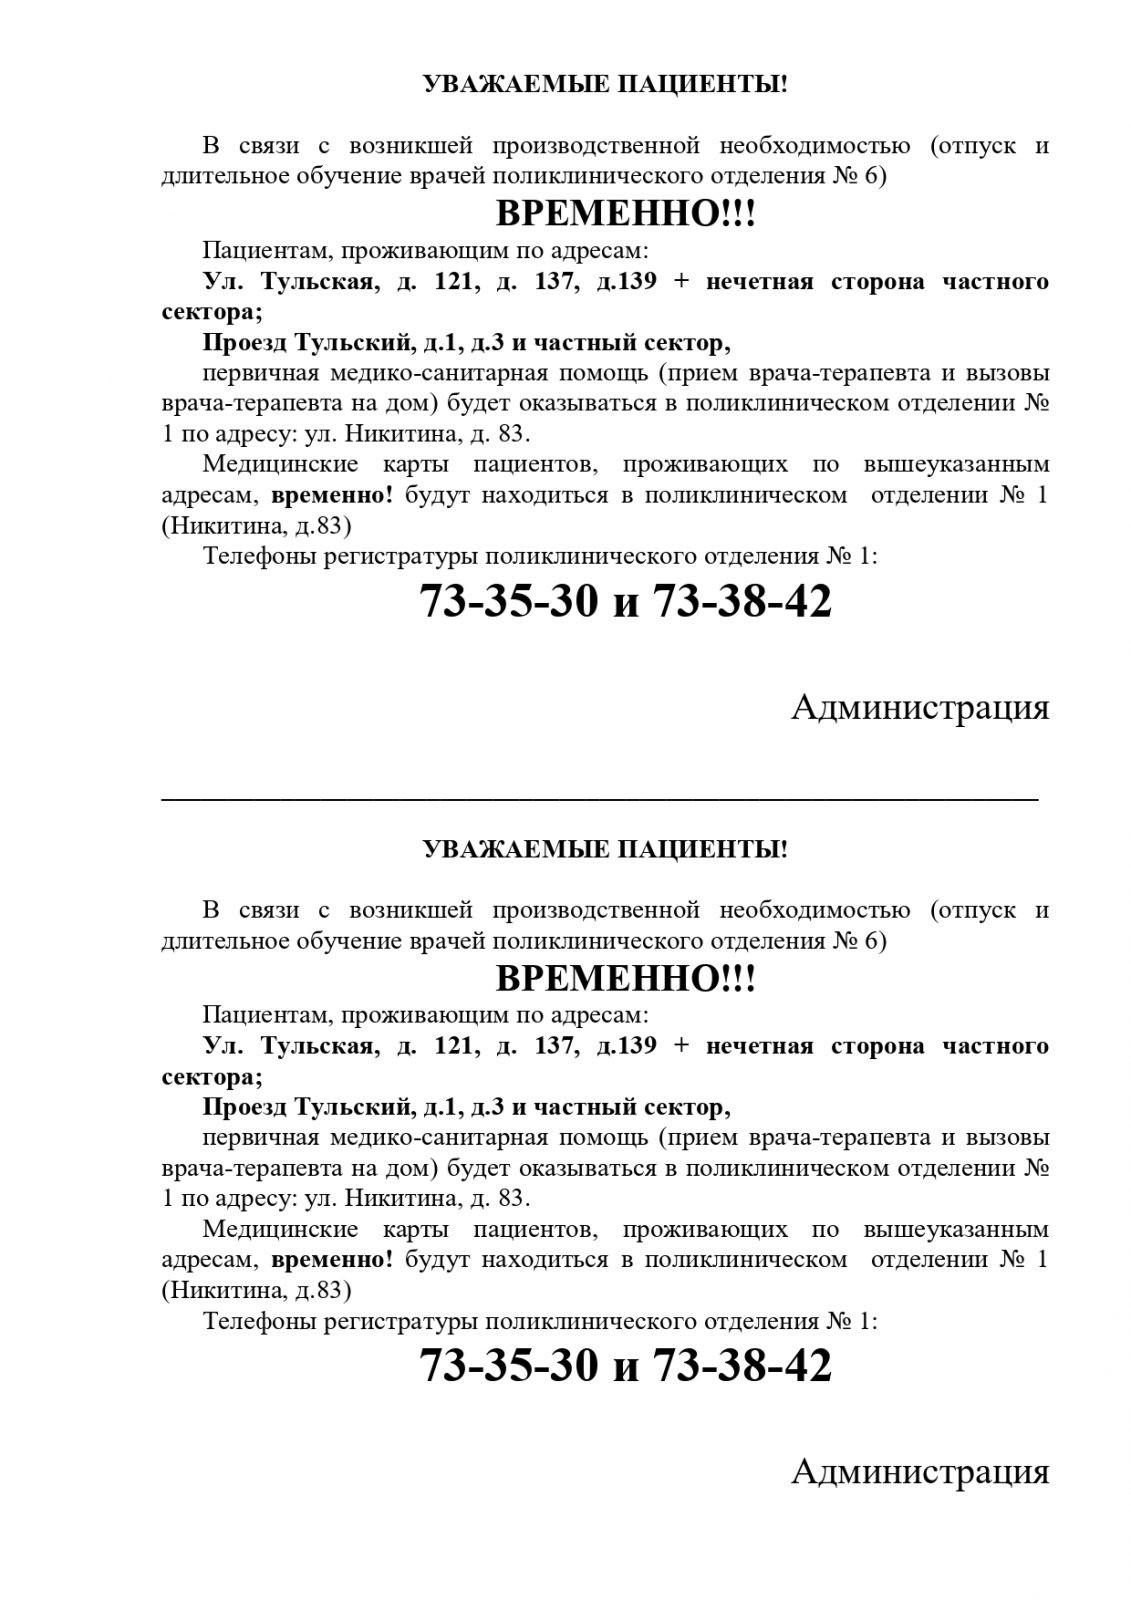 obyavlenie-dl-yapatsientov-po-6_page-0001